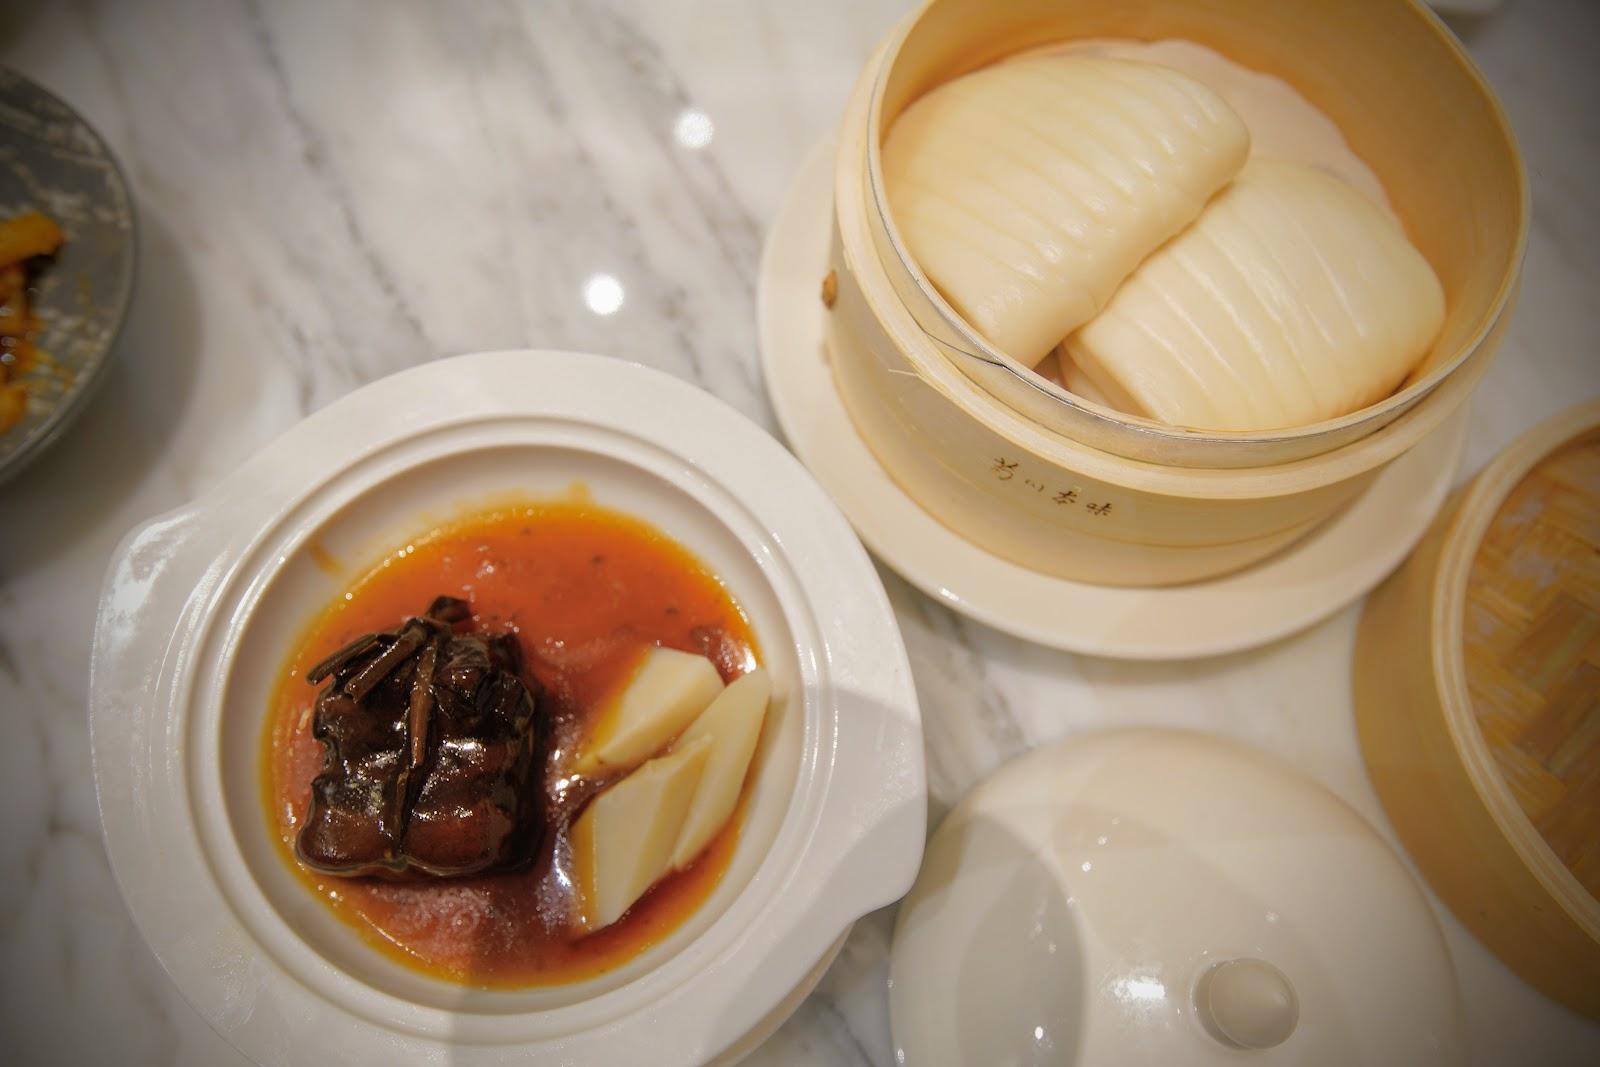 住宿|台北士林萬麗酒店 Renaissance Taipei Shihlin Hotel 萬麗軒 - 上海餐廳